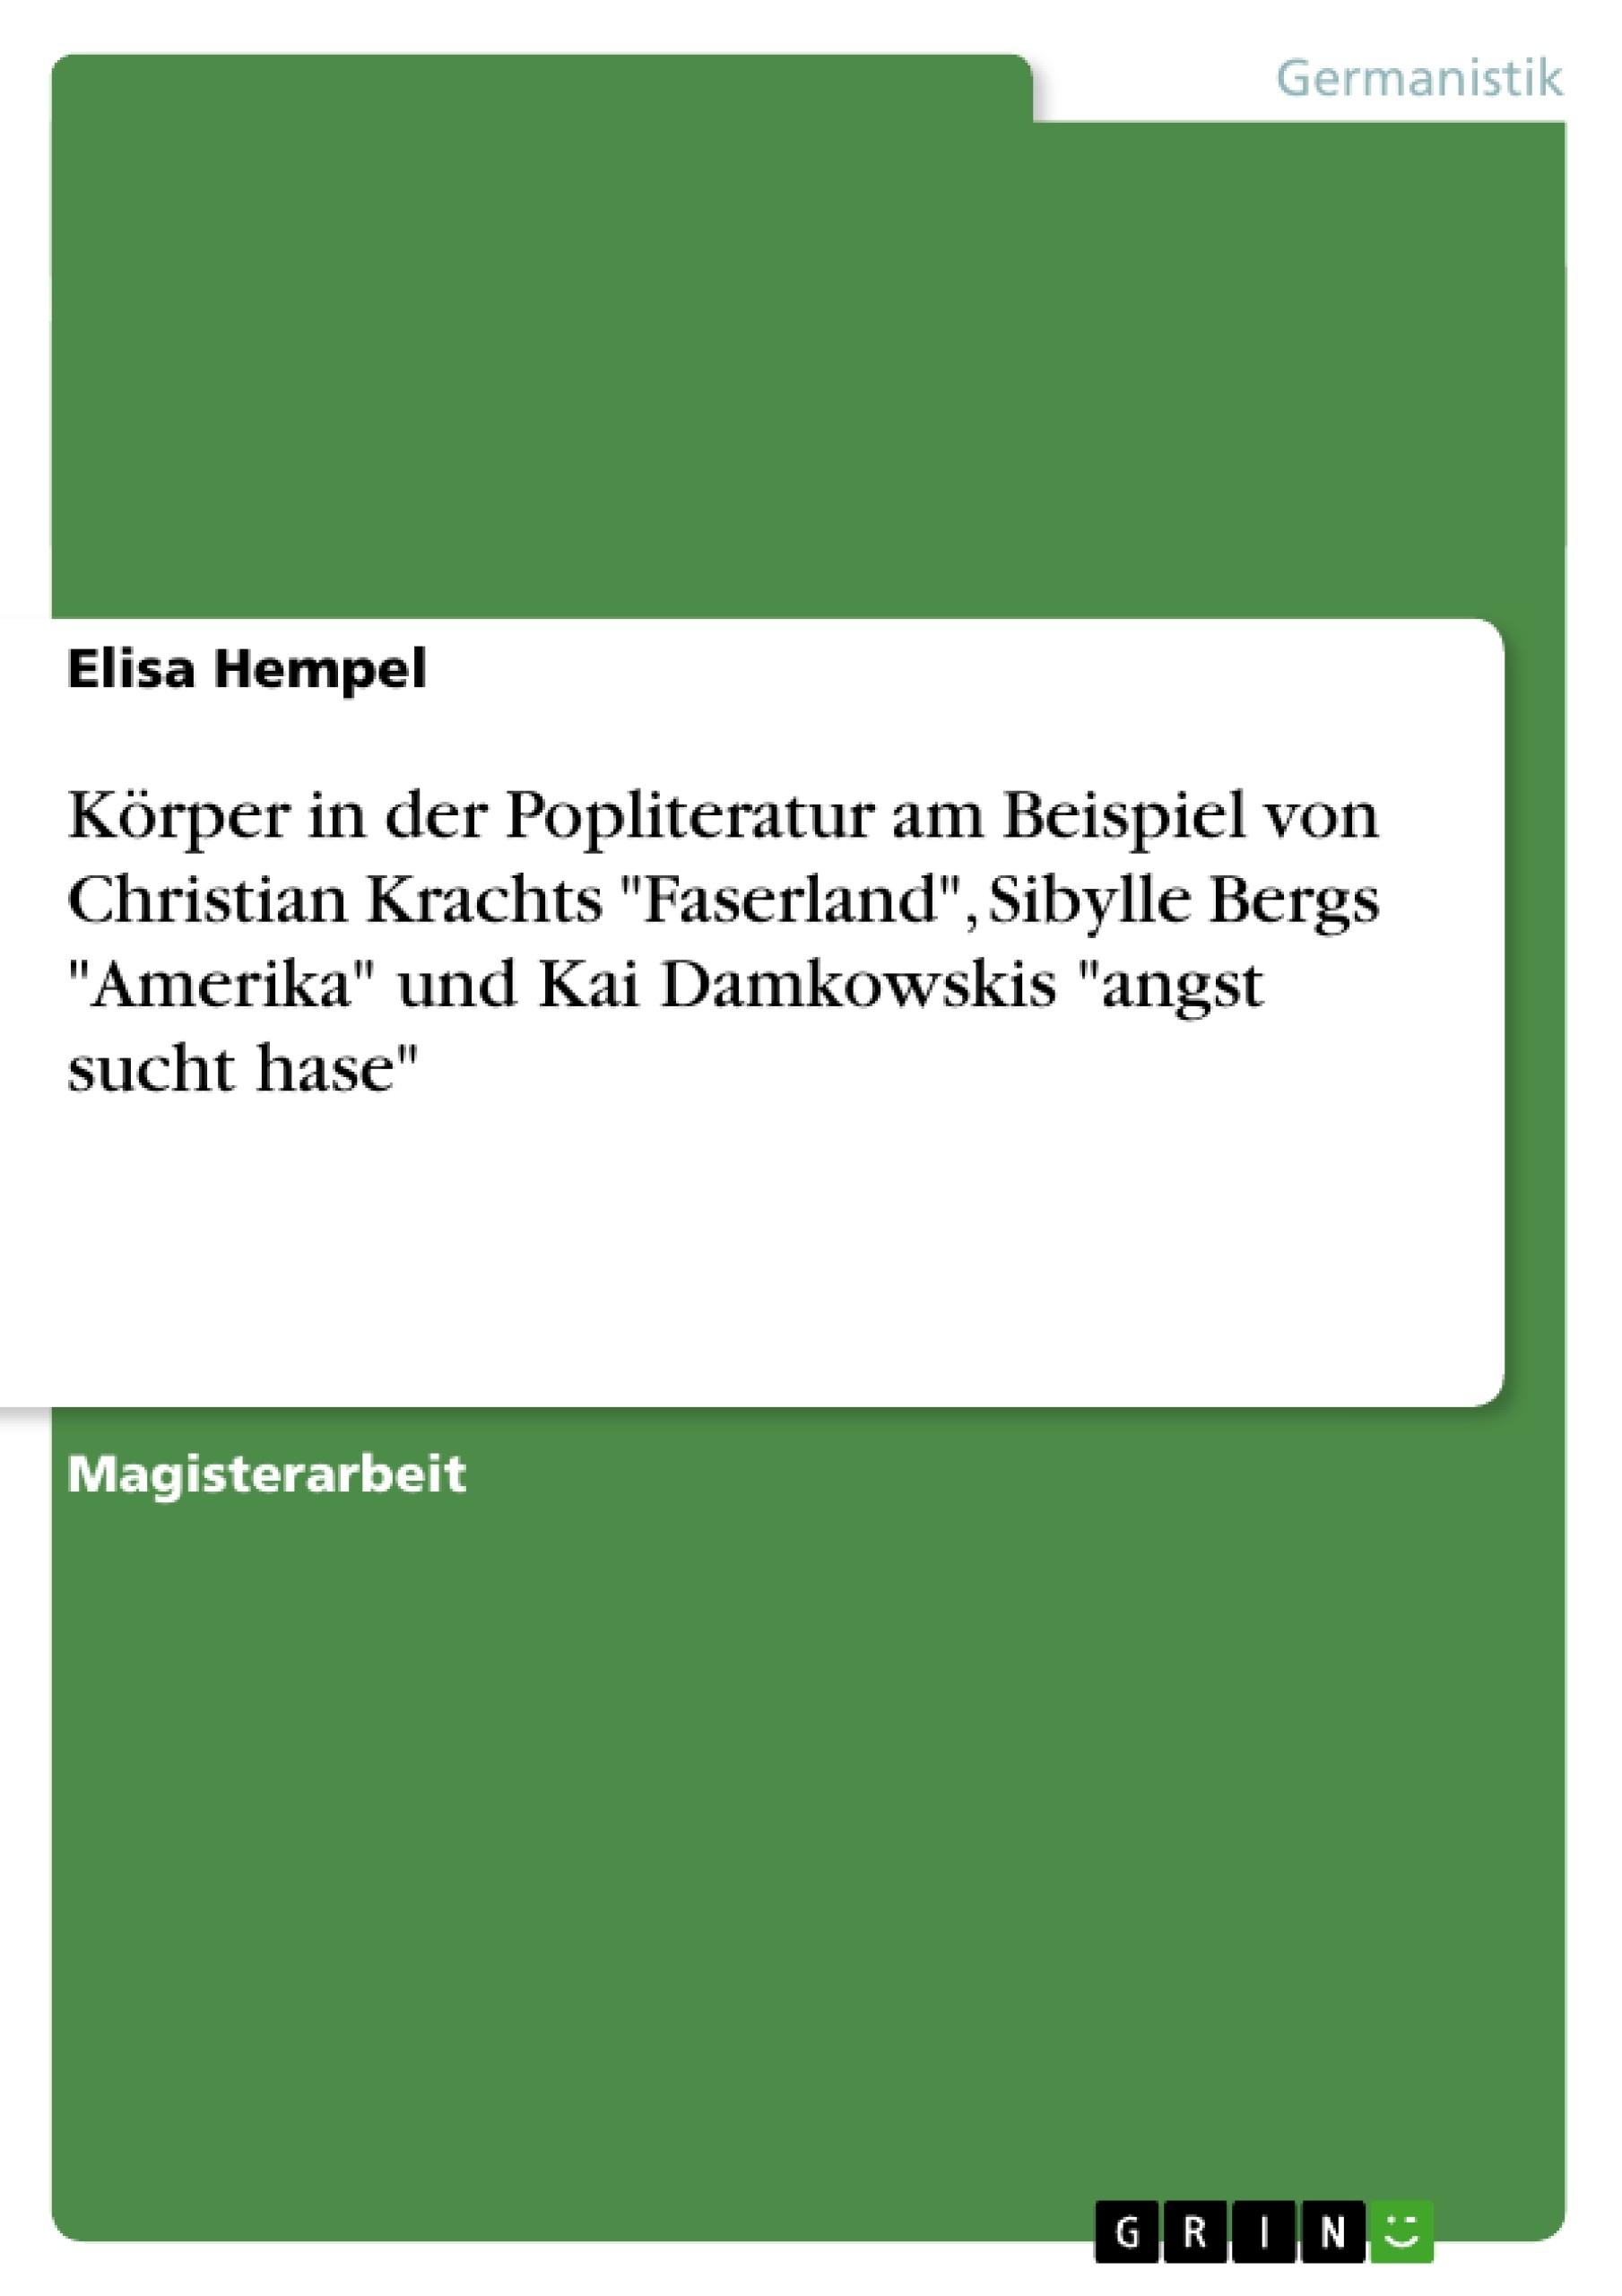 """Titel: Körper in der Popliteratur am Beispiel von Christian Krachts """"Faserland"""", Sibylle Bergs """"Amerika"""" und Kai Damkowskis """"angst sucht hase"""""""